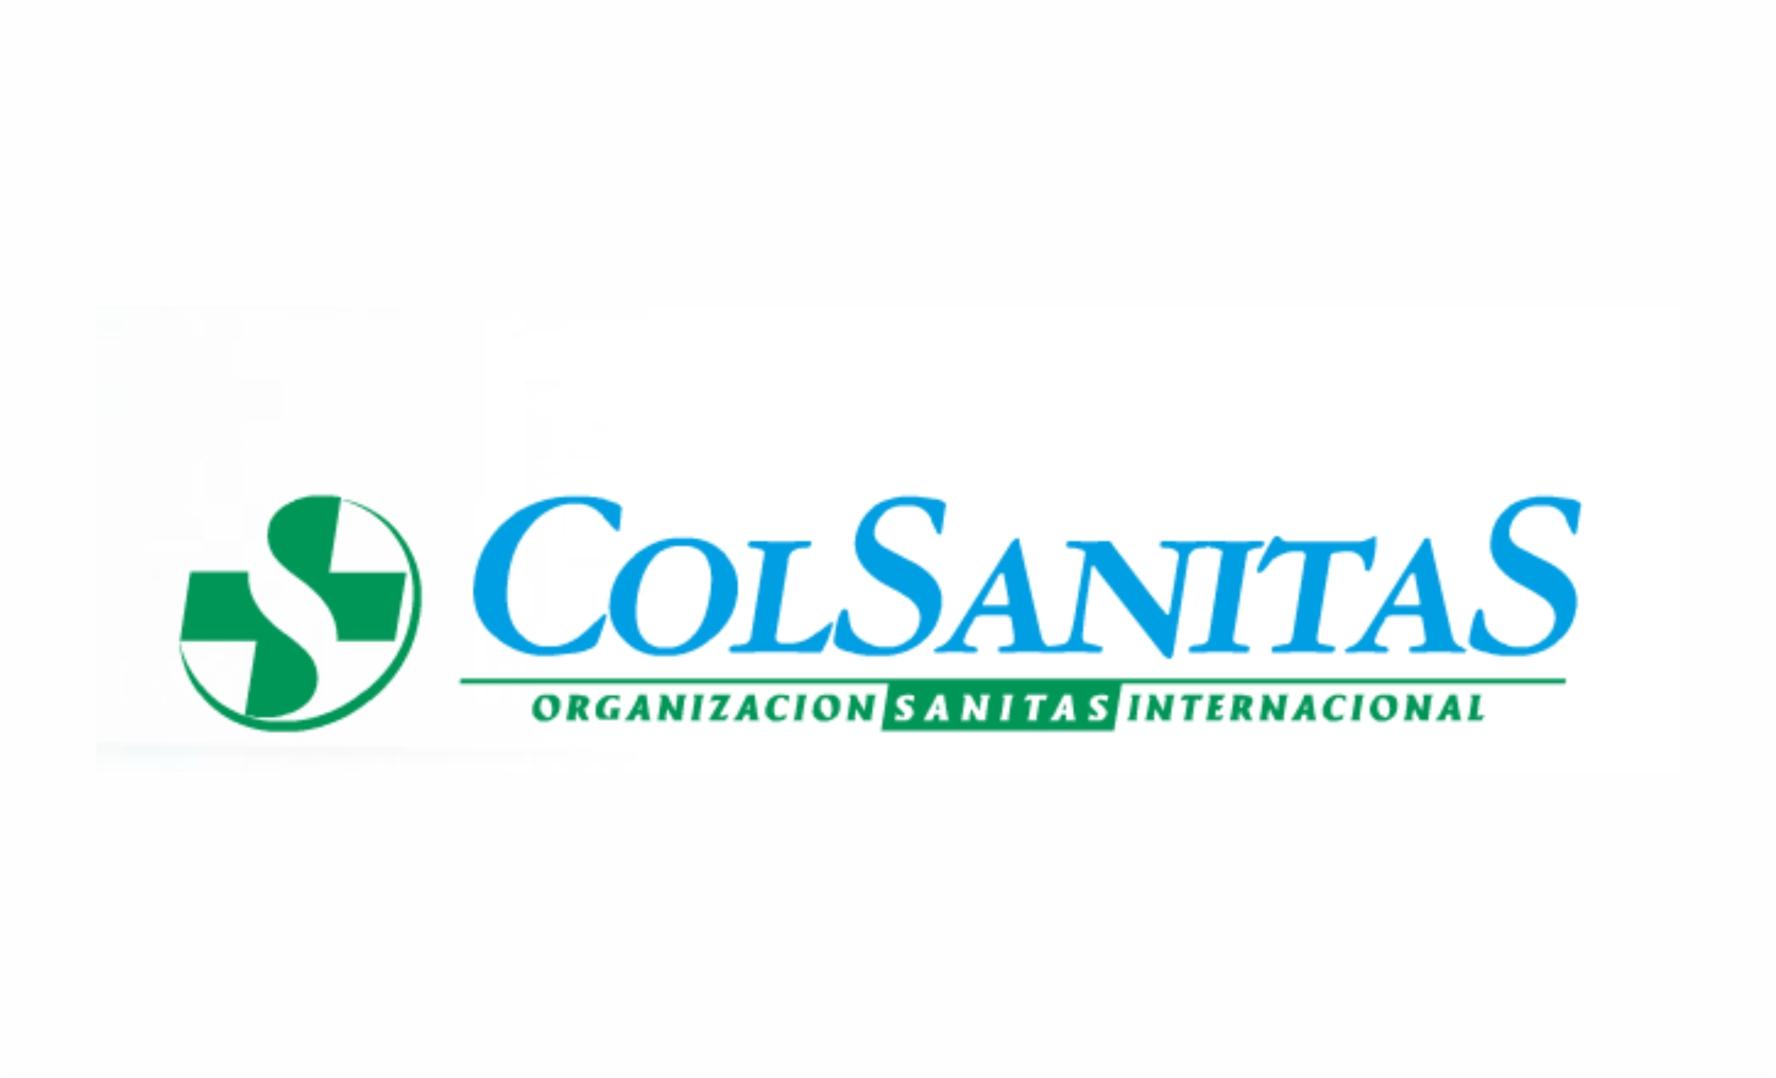 COLSANITAS.jpg